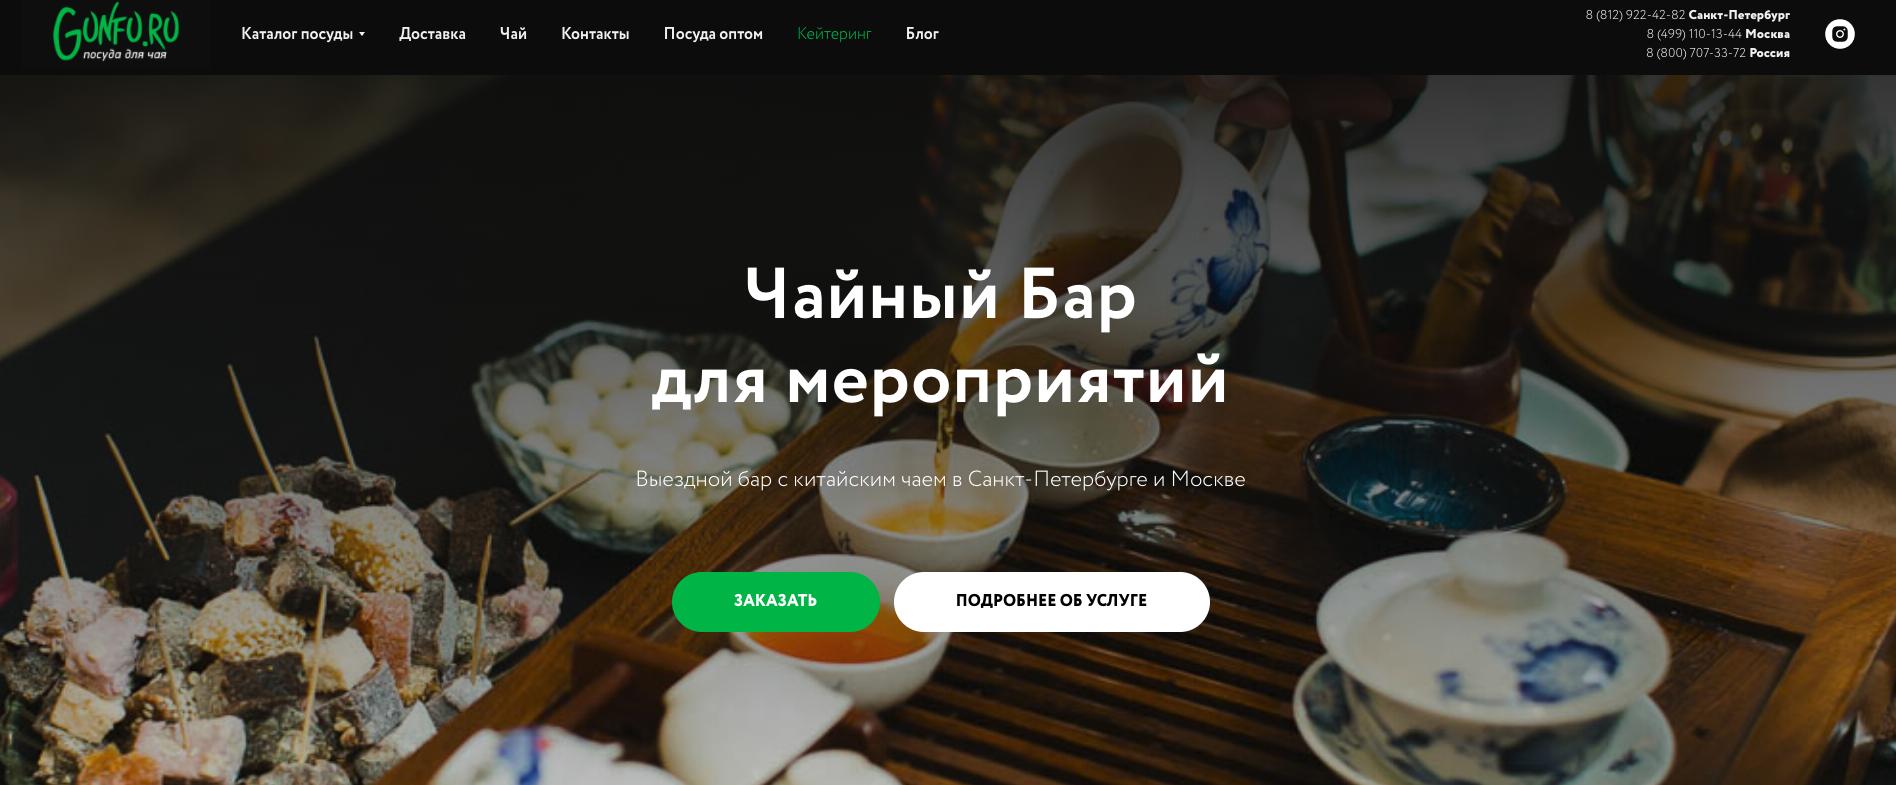 Gunfu.ru не просто продают посуду для чая, но и предлагают выездные чайные церемонии